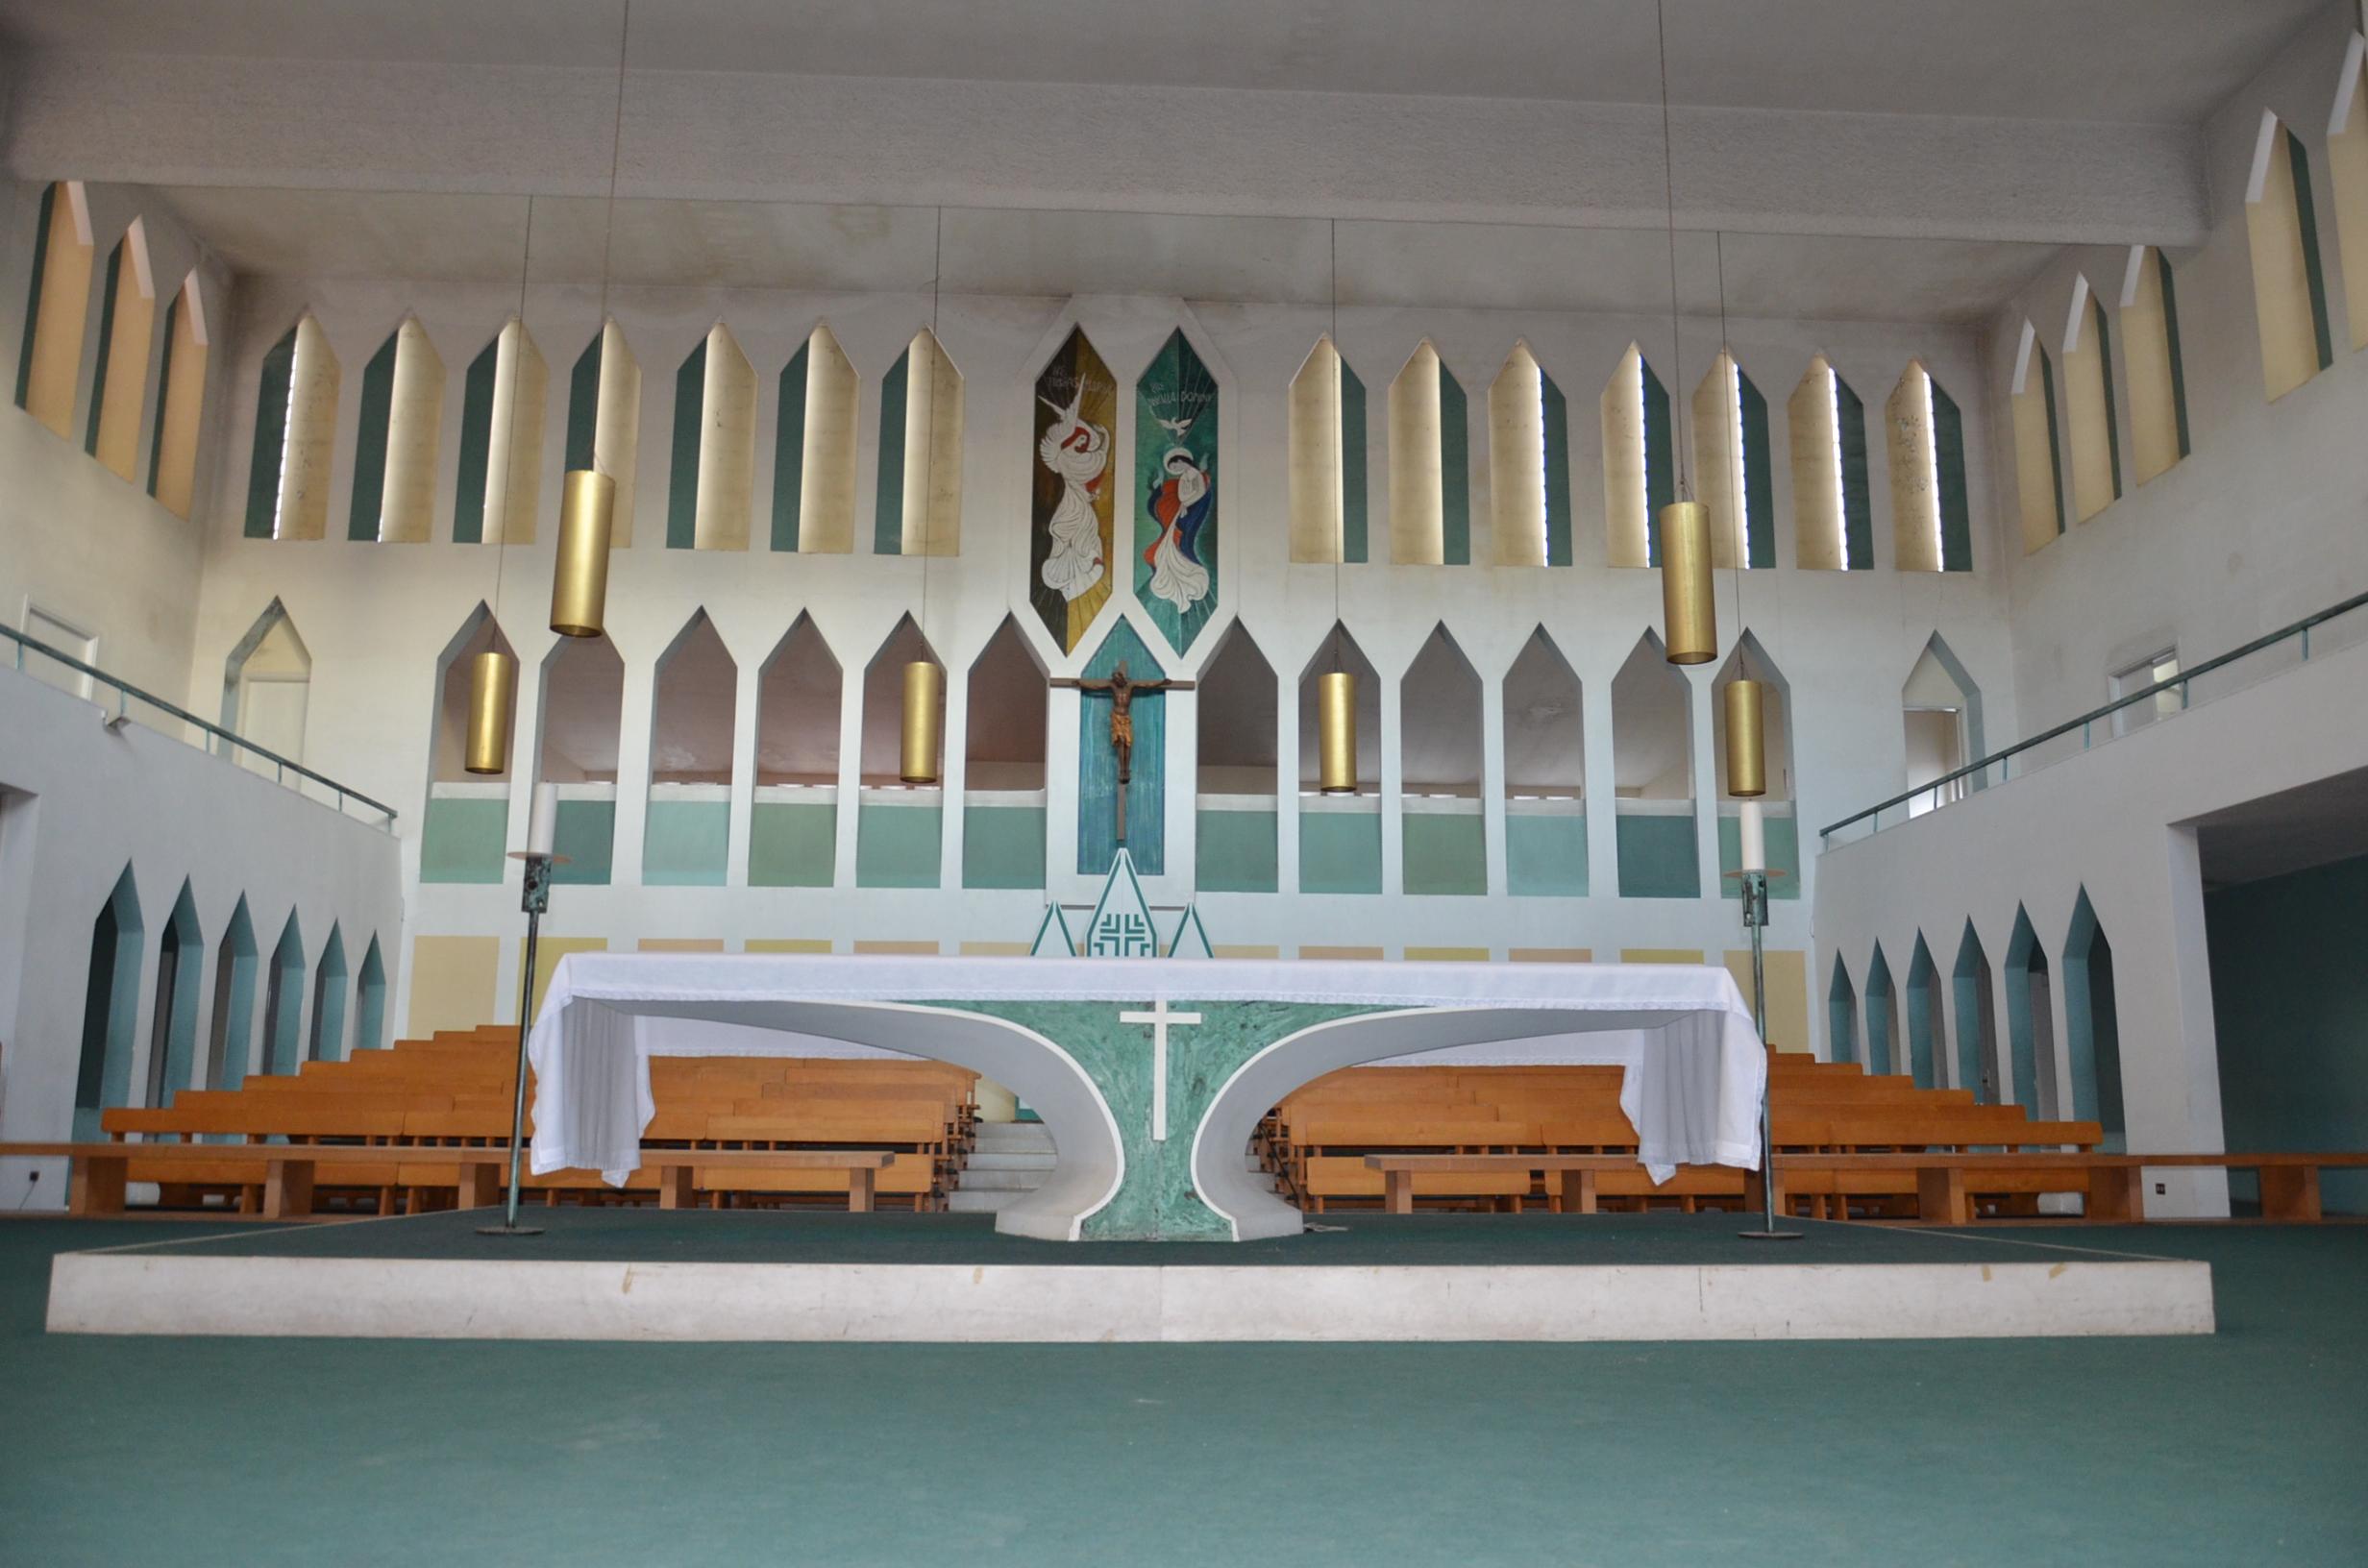 La pedana dell'altare attraversa l'aula ecclesiale. Al centro della parete di fondo sta la cattedra. Le pareti sono attraversate dalla figura del diamante, in un ritmico dispiegarsi su vari livelli. (foto C. Giordano)